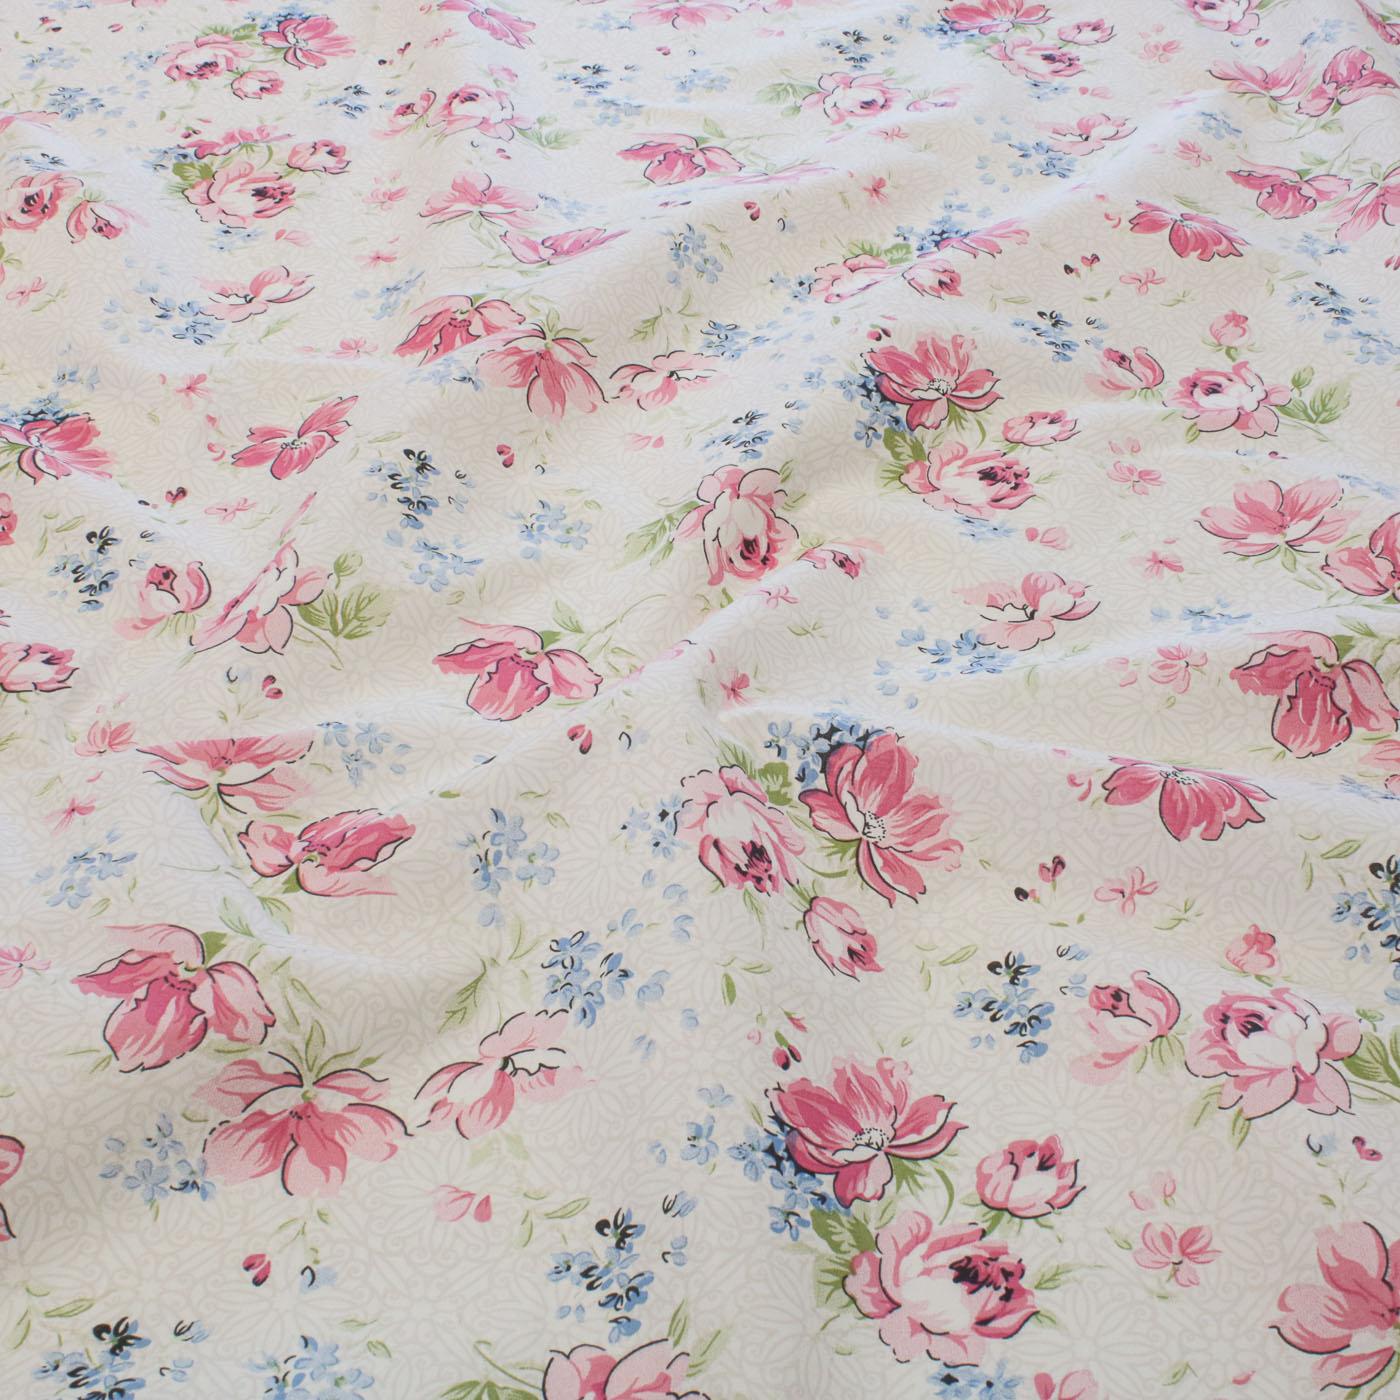 Tecido Percal Estampado 100% Algodão 2,50m Largura Flores Rosa